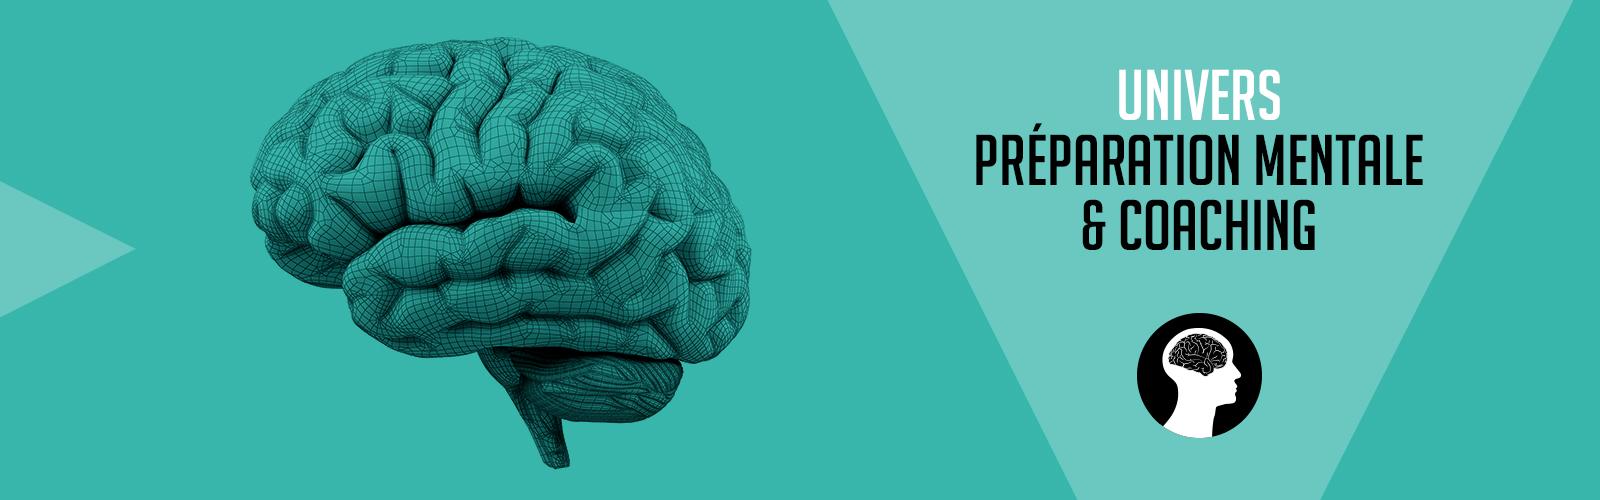 Préparation mentale & coaching